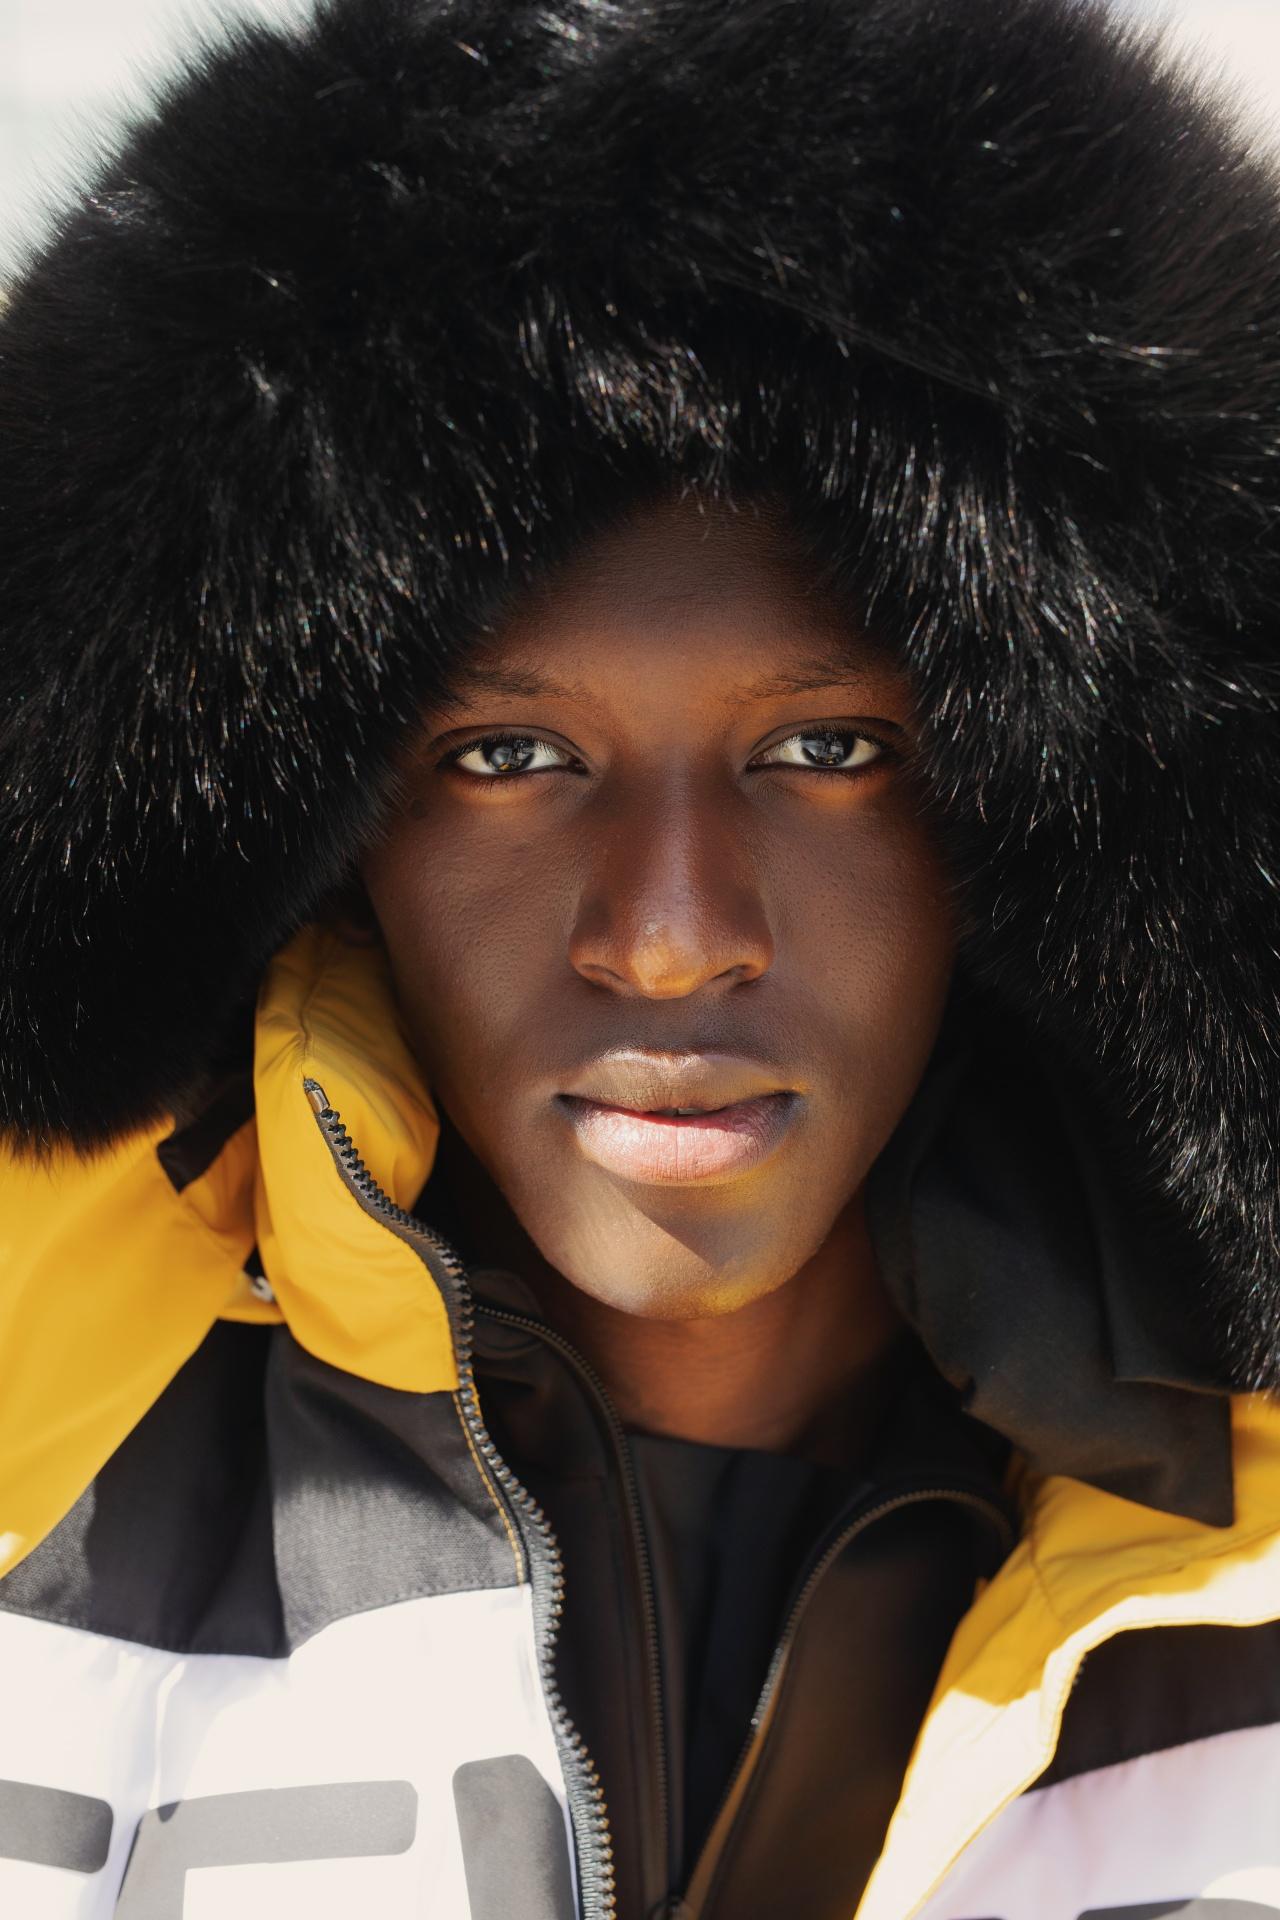 白雪中的亮眼服飾|準備好從 FENDI 的雪坡上滑下吧